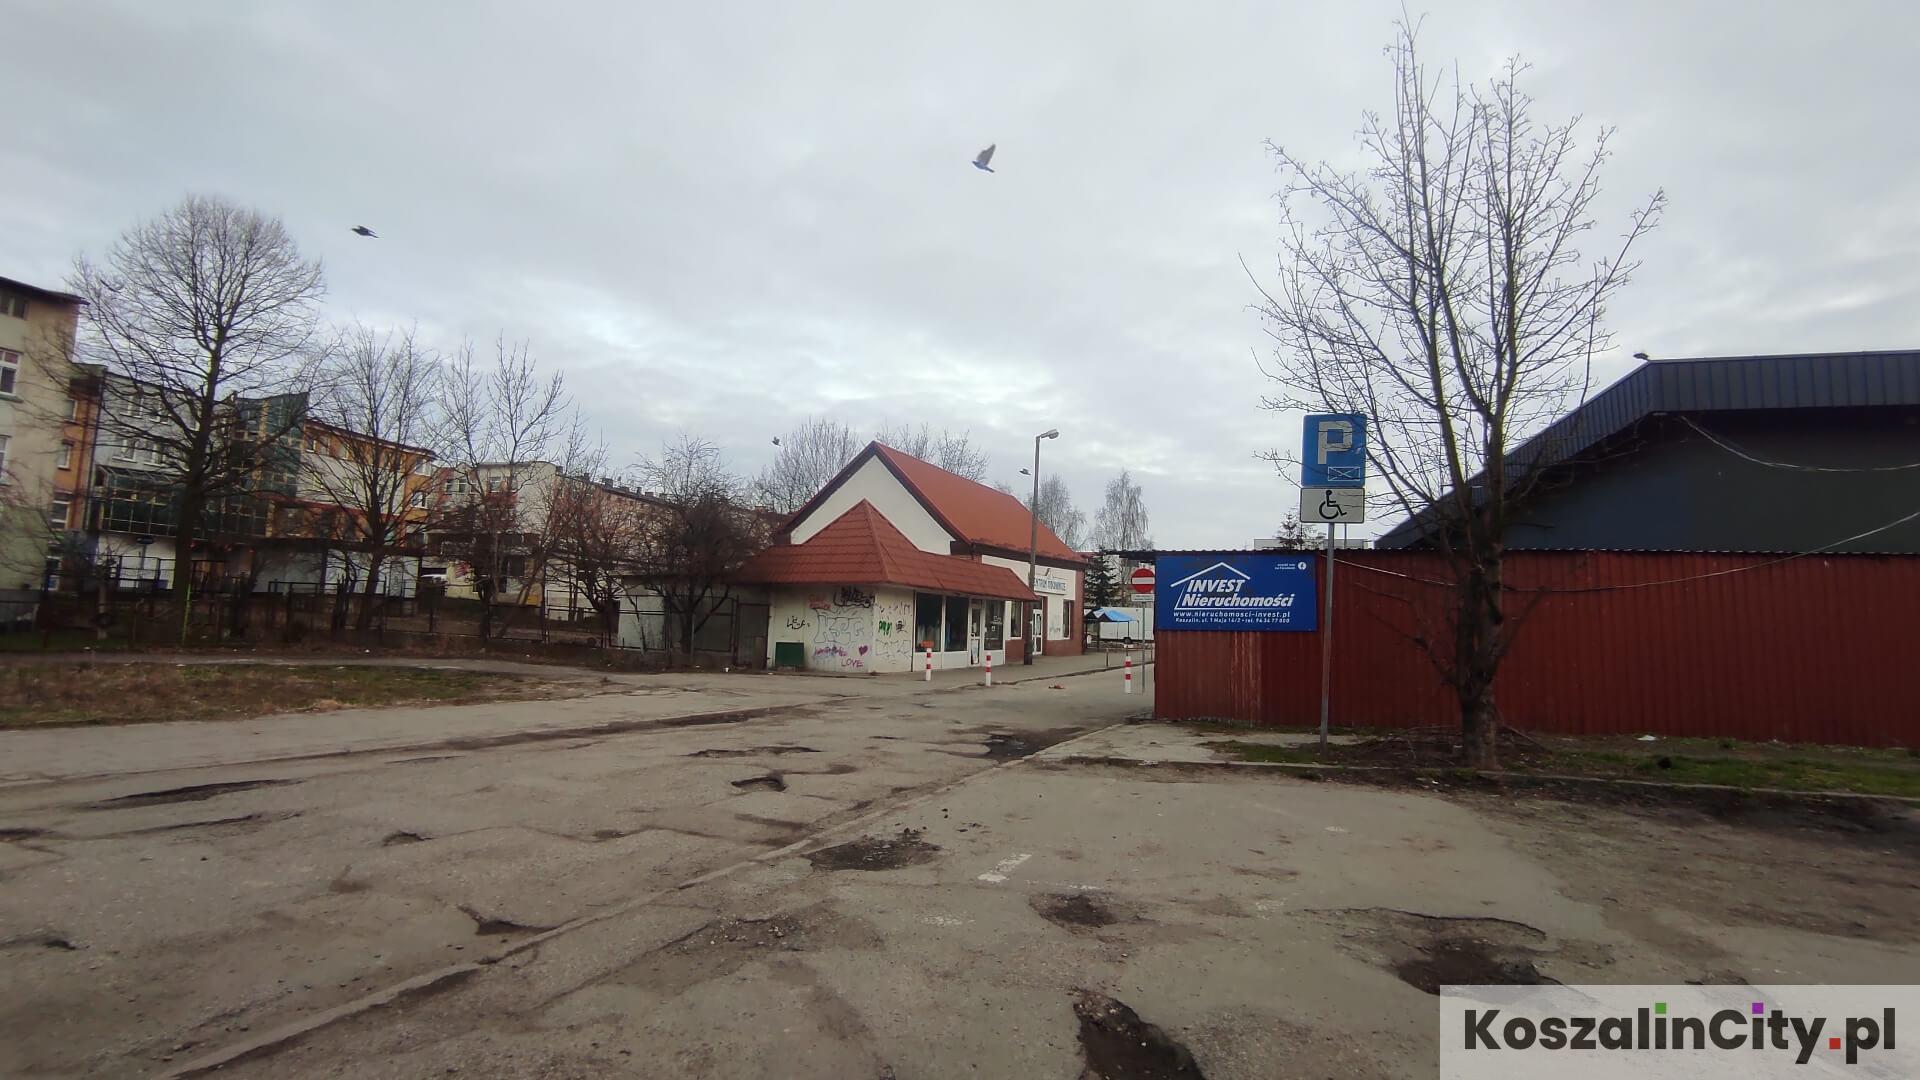 Plac jest wykorzystywany przez kierowców jako darmowy parking w centrum Koszalina